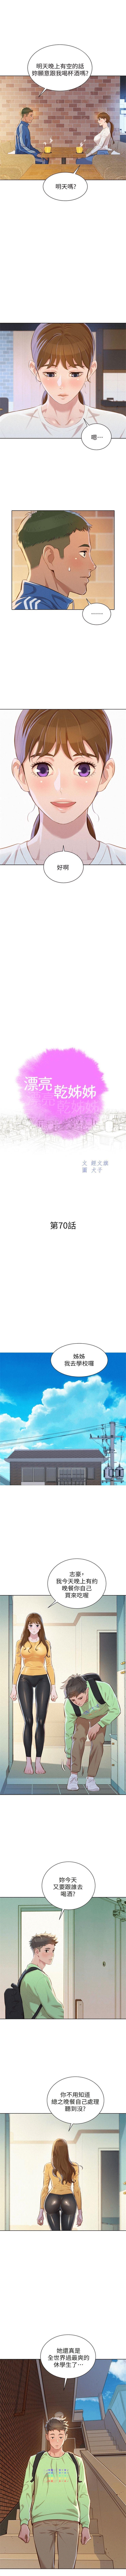 (周7)漂亮干姐姐  1-79 中文翻译 (更新中) 380